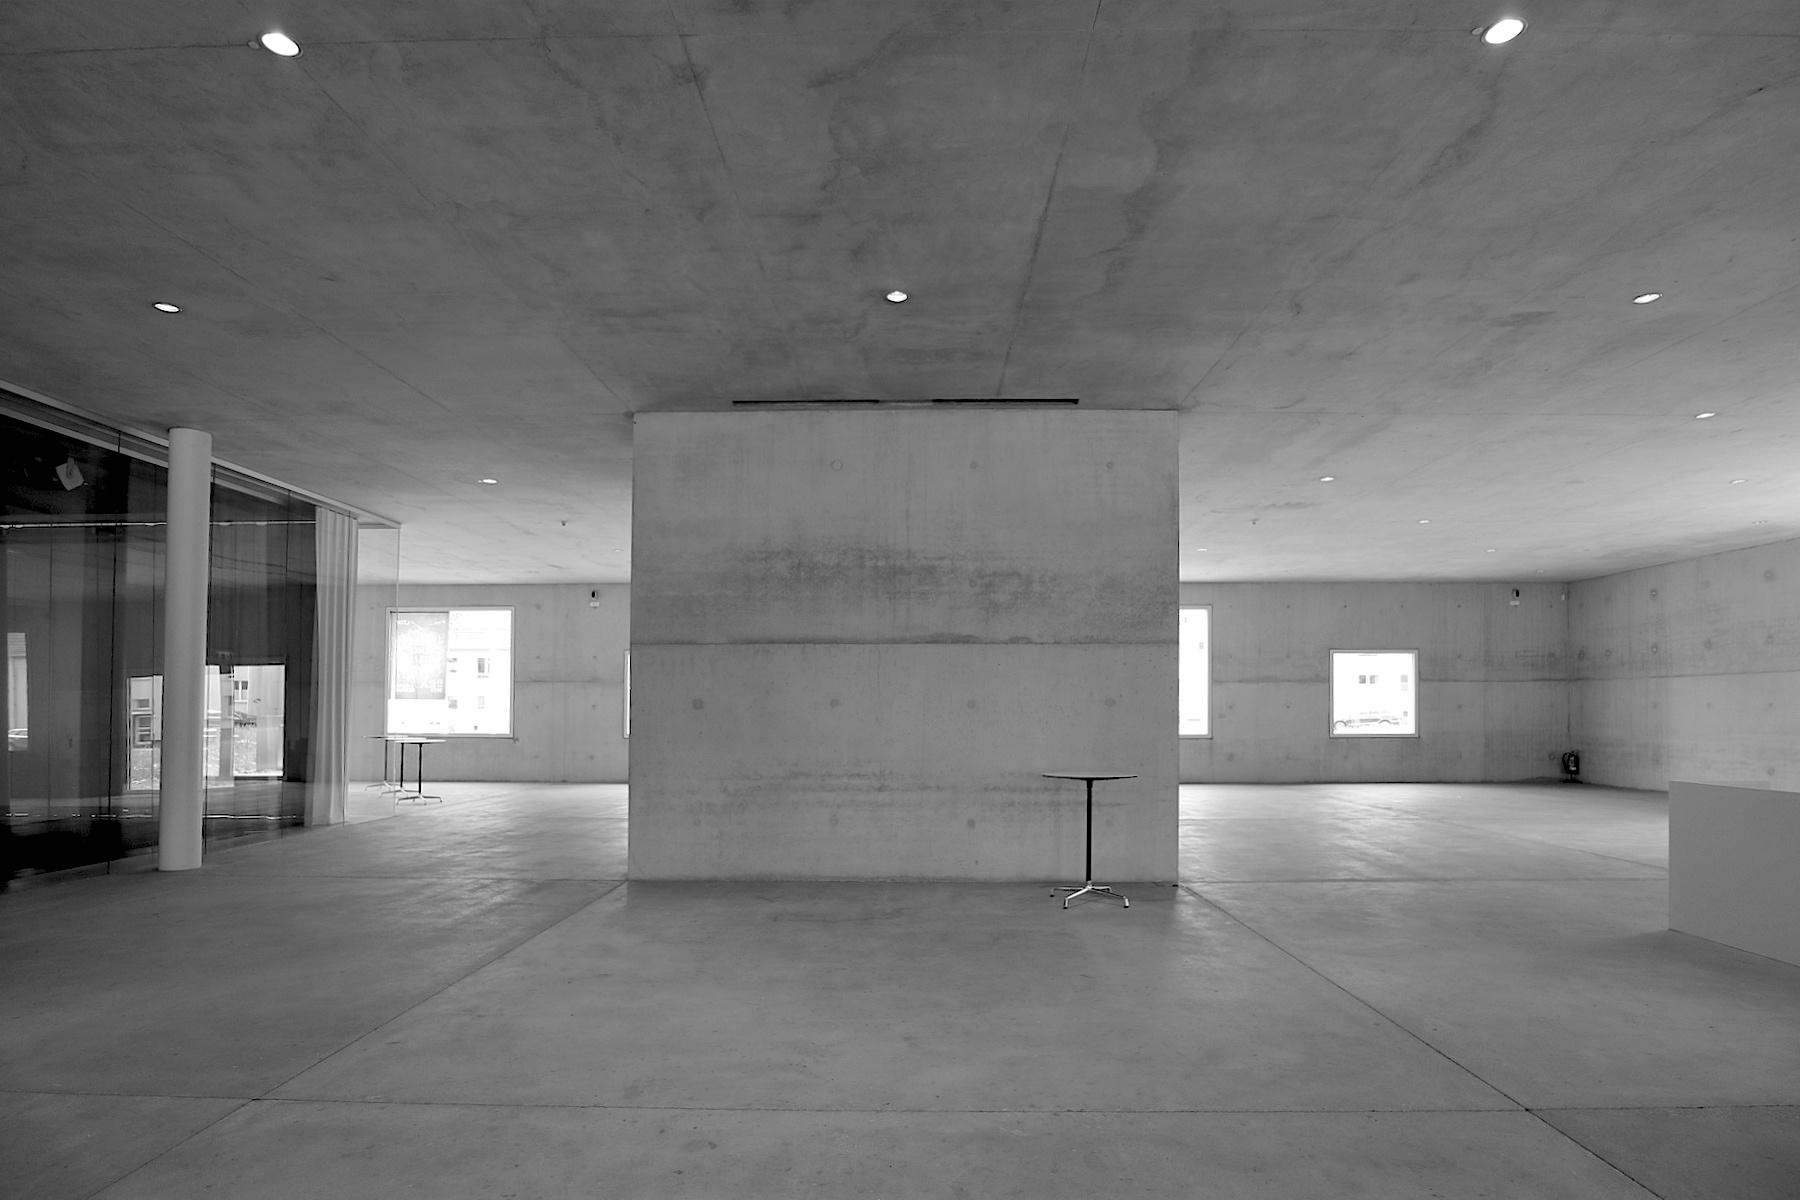 SANAA Gebäude. Kazuyo Sejima and Ryue Nishizawa gründeten ihr Büro 1995 und erhielten 2010 den wichtigsten Architekturpreis der Welt: den Pritzker-Preis. Eine Ehrung auch für ihre Arbeit am 34 Meter hohen Kubus, dessen Gestaltungsprinzipien sich an den Vorstellungen der Modernisten anlehnt.